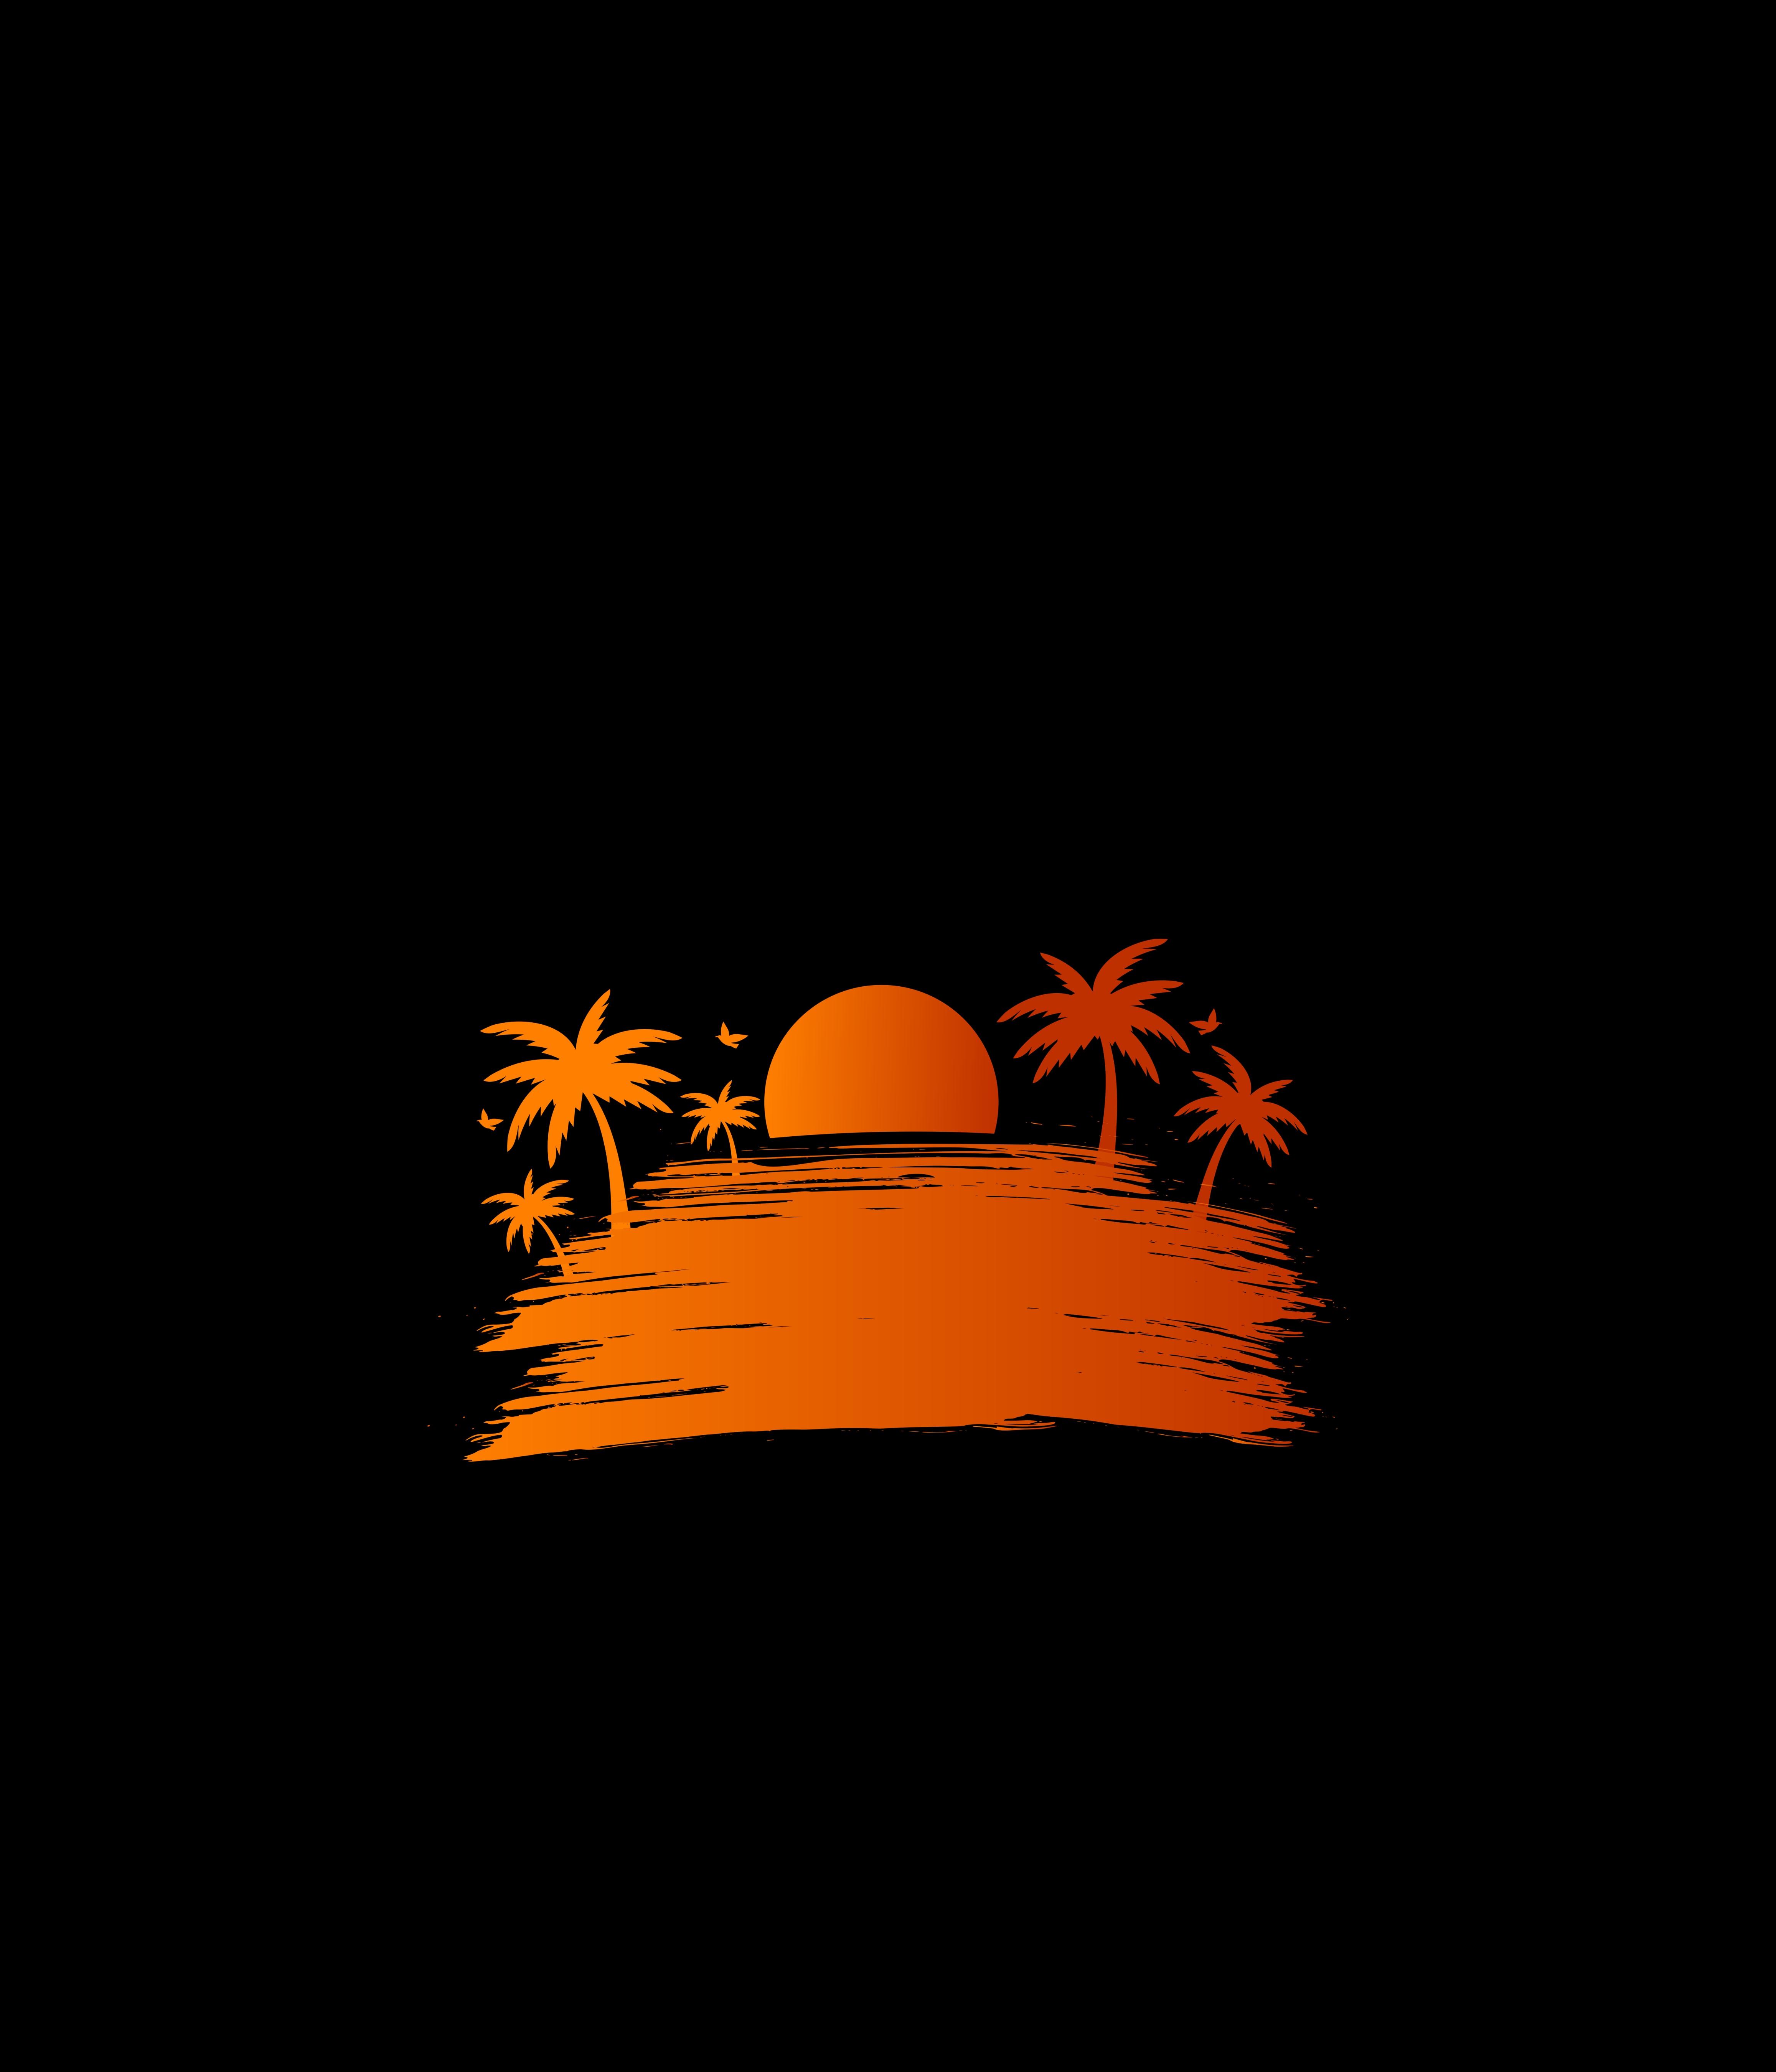 67655 fond d'écran 720x1520 sur votre téléphone gratuitement, téléchargez des images Coucher De Soleil, Art, Sun, Vecteur, Paume 720x1520 sur votre mobile